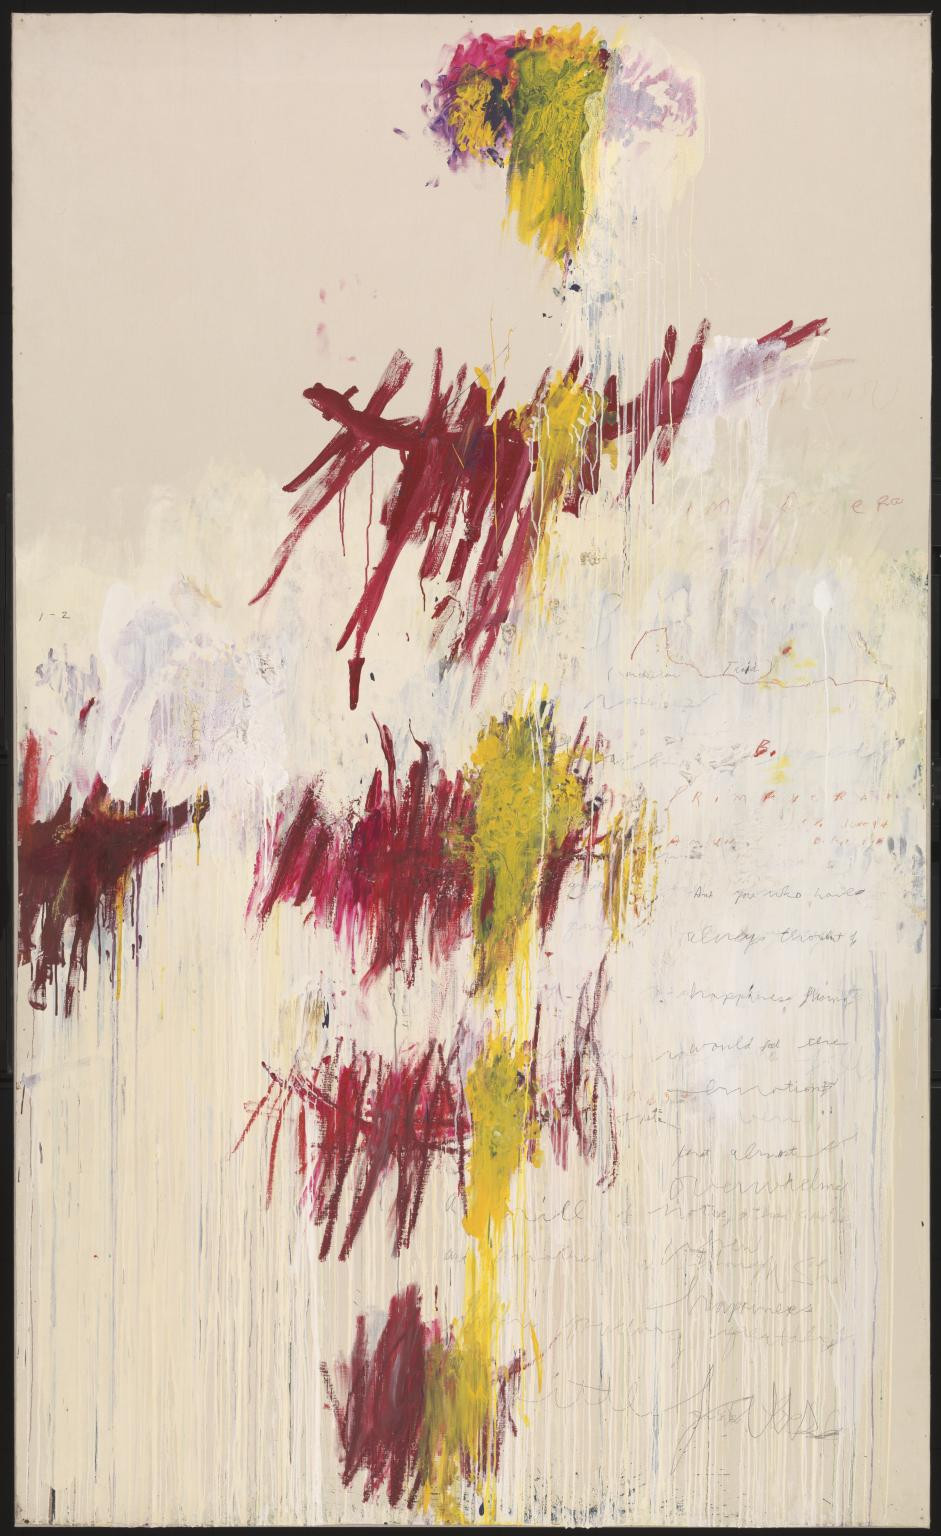 Twombly: Primavera (Quattro Stagioni, Tate version)